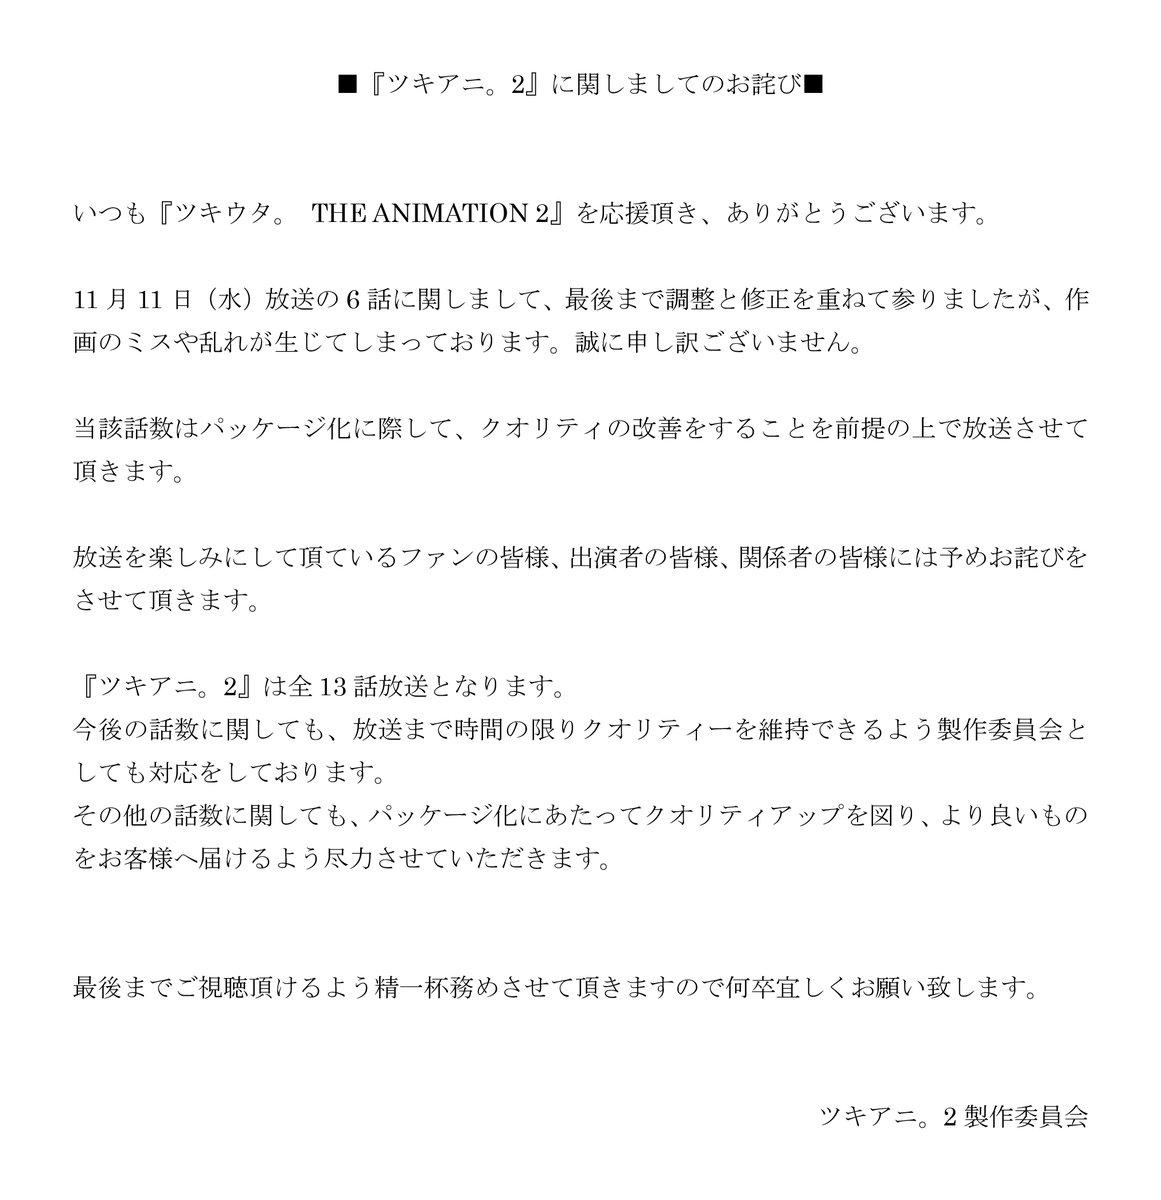 ■『ツキアニ。2』に関しましてのお詫び■  11月11日(水)放送の6話に関するお詫びがございます。 詳しくは添付の画像をご確認いただけますようお願い申し上げます。